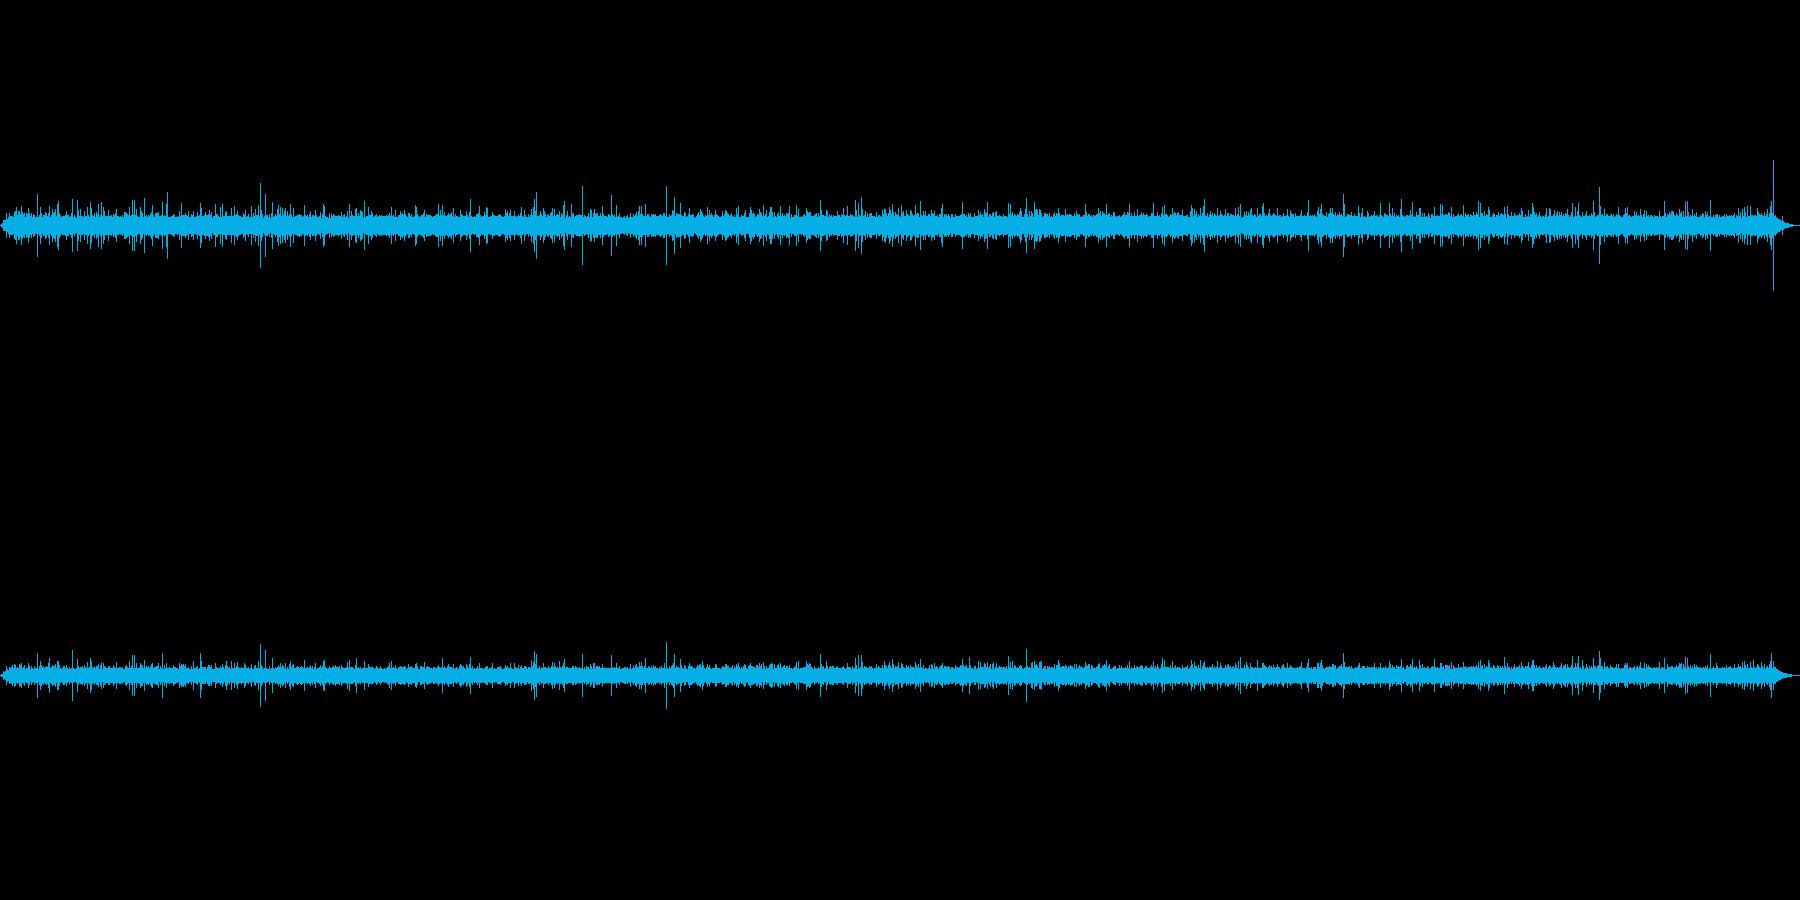 小さな湧水の環境音の再生済みの波形